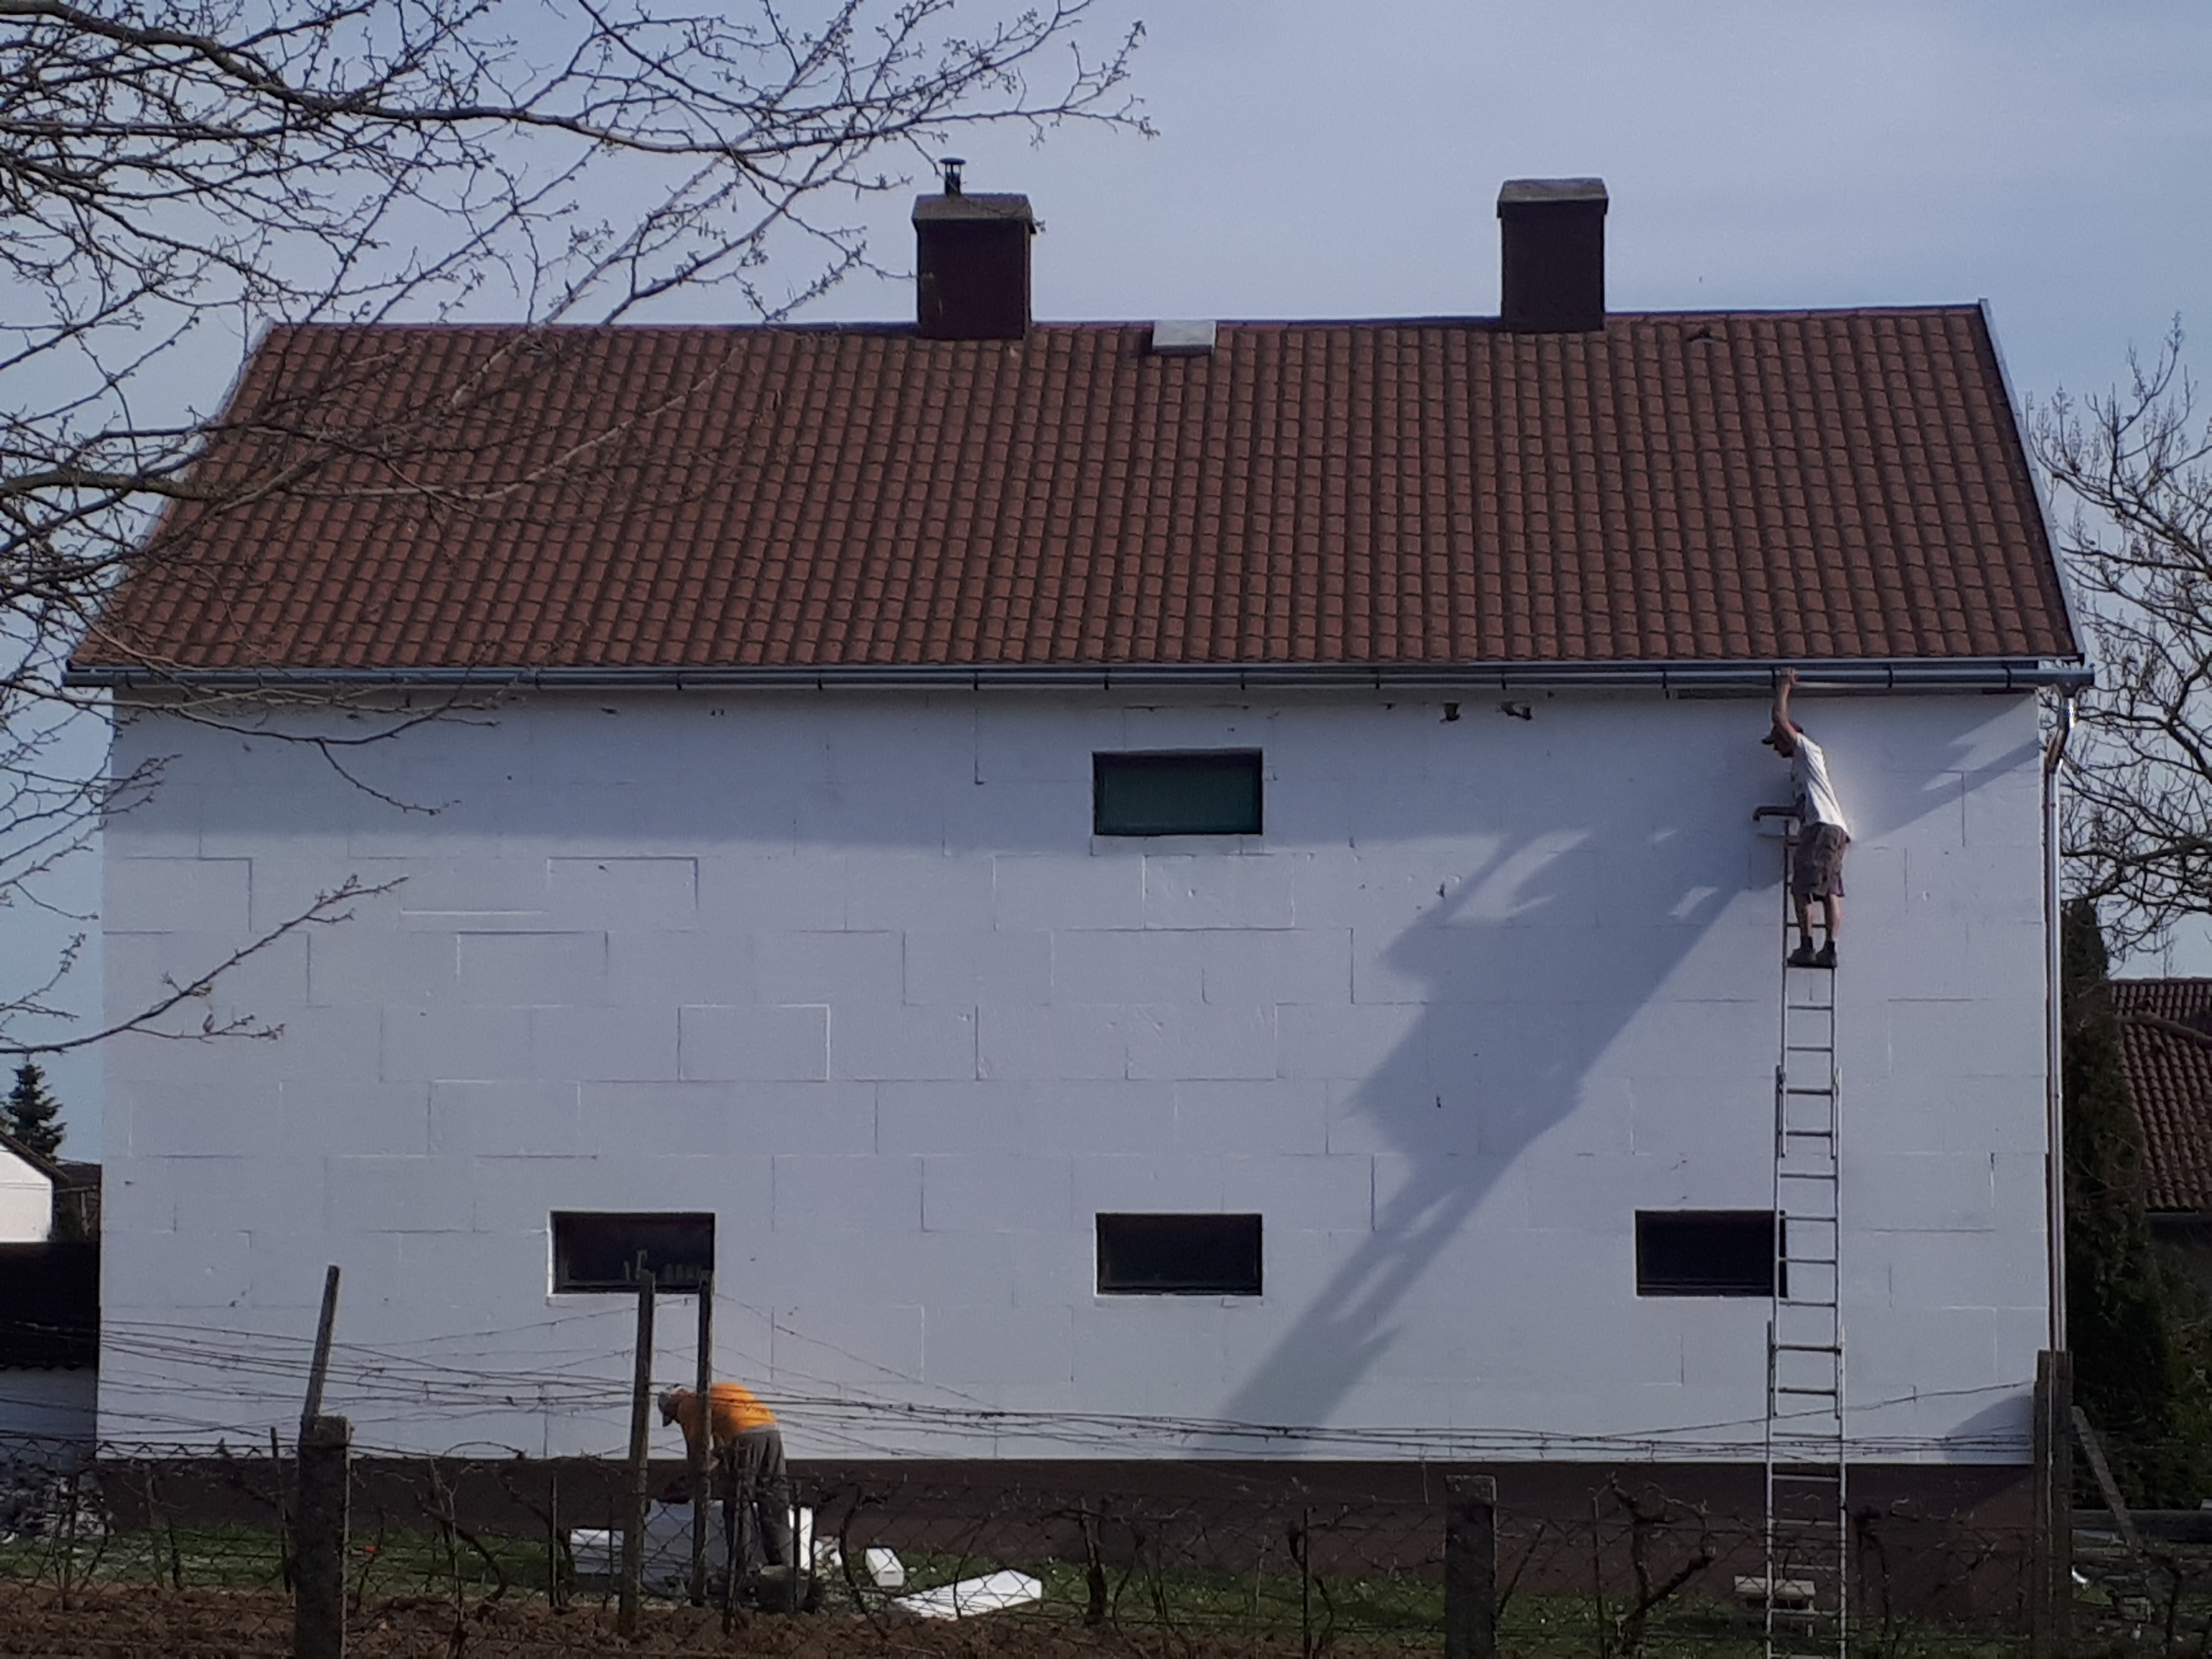 Palatető felújítás Vácduka, palatető szigetelés VácdukaCsaládi ház palatető felújítása